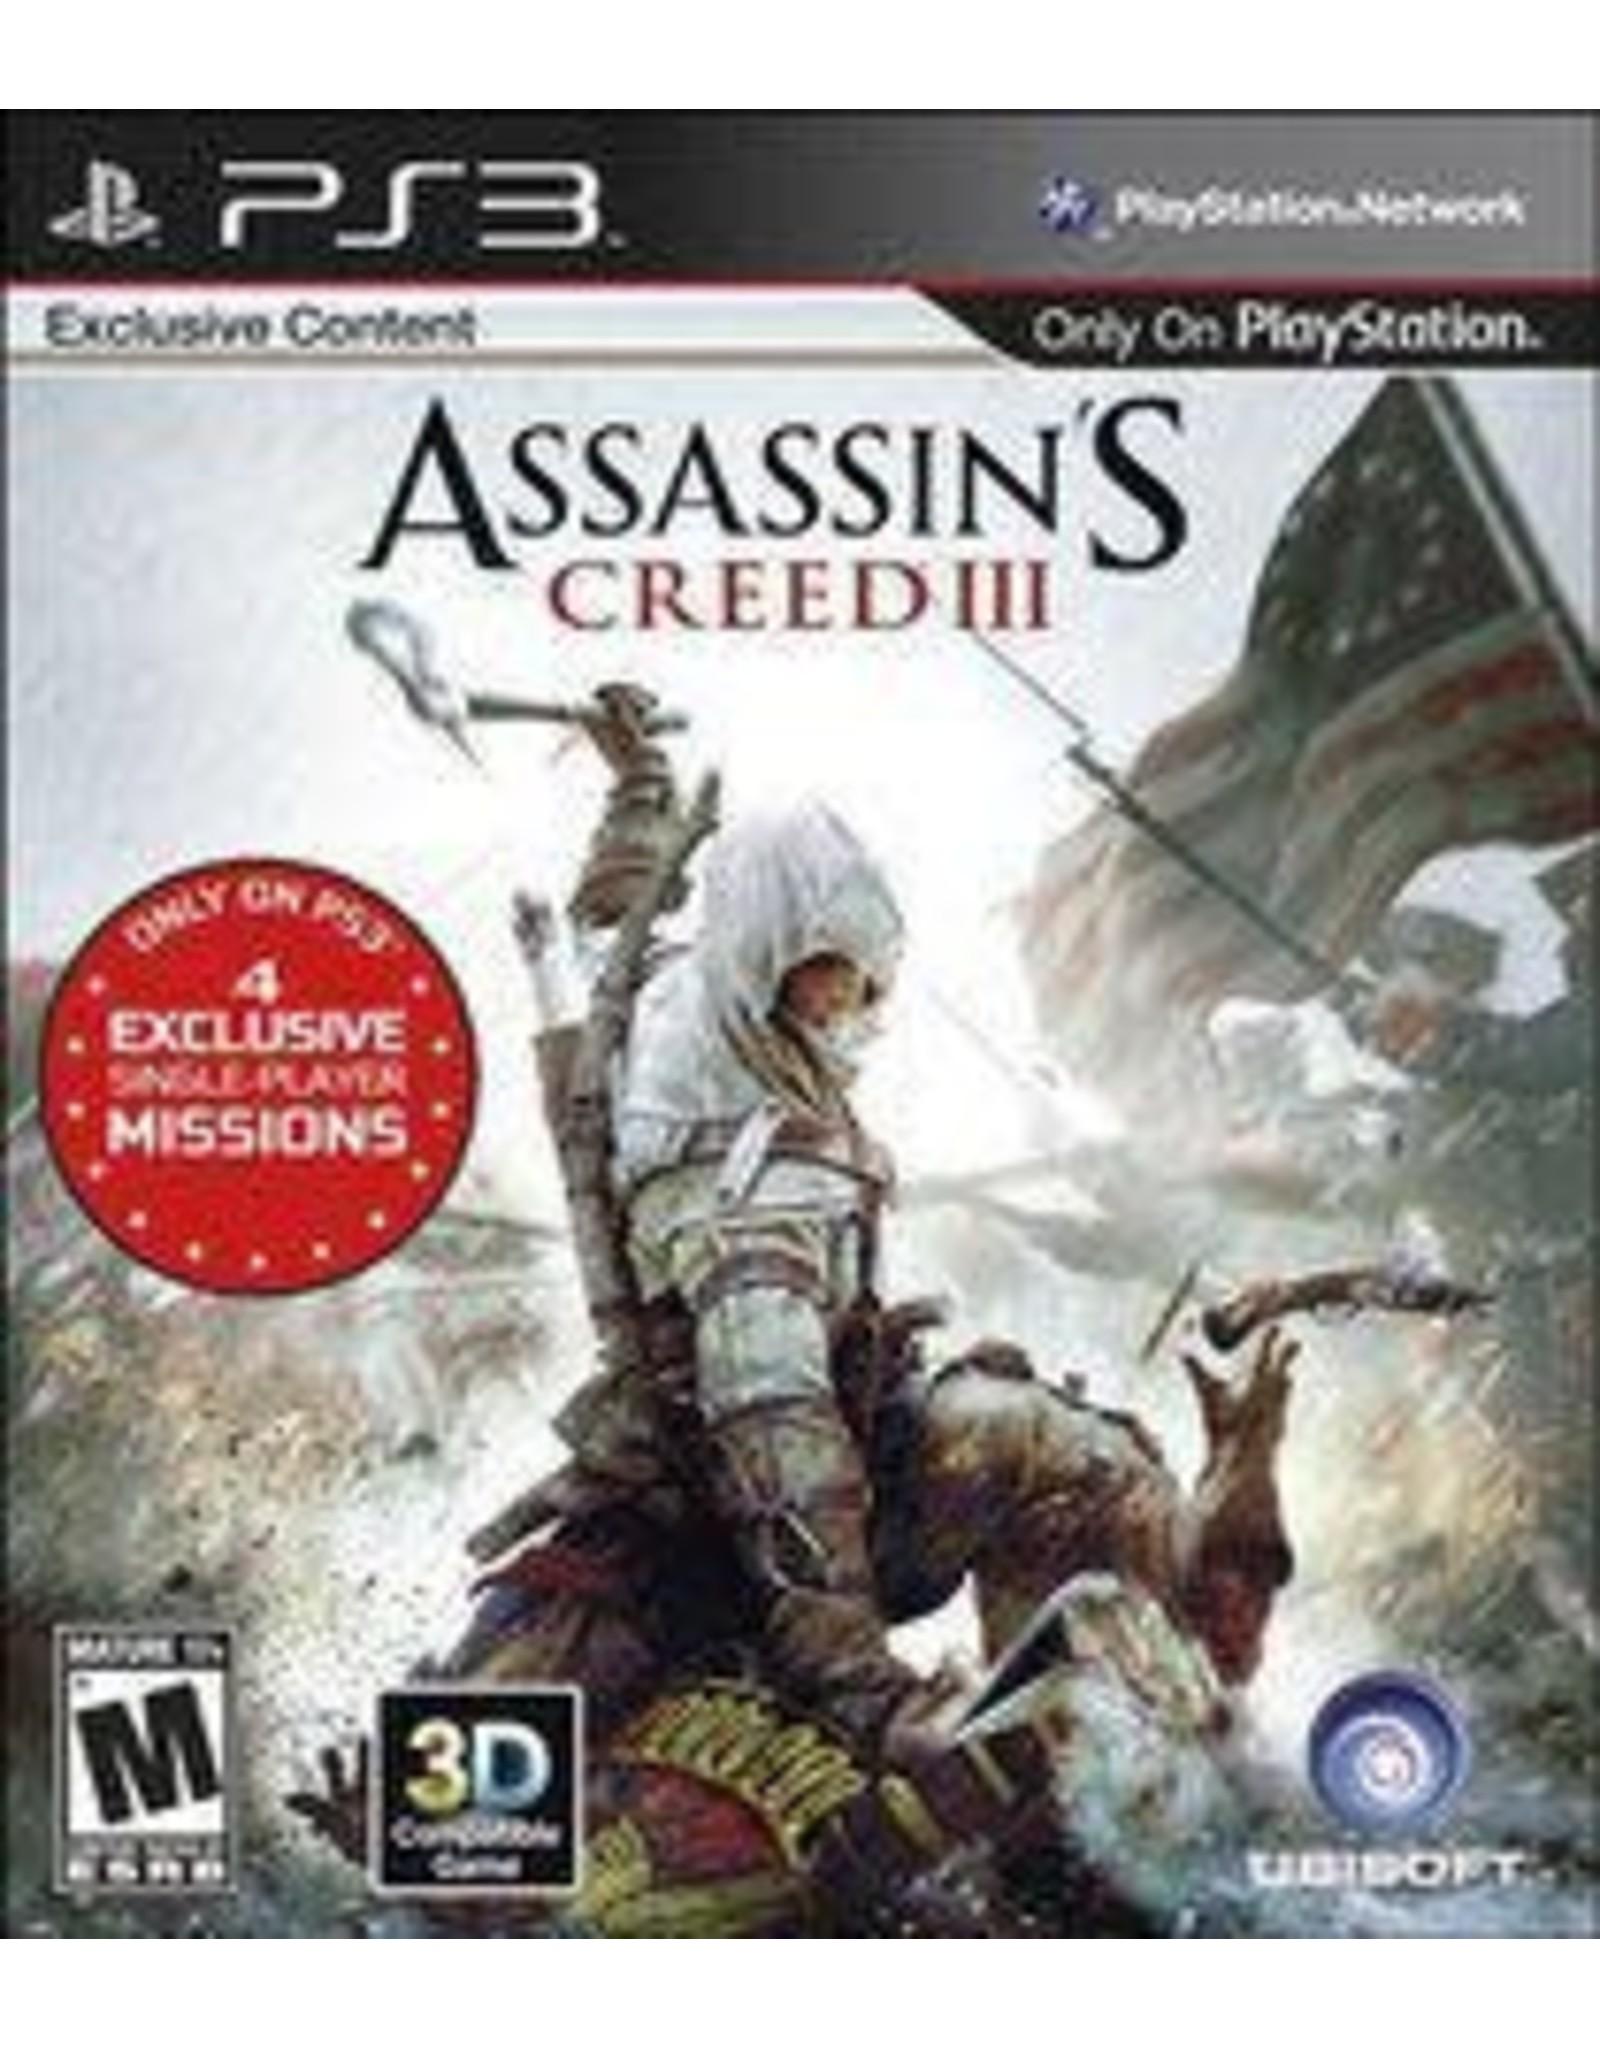 Playstation 3 Assassin's Creed III (CiB)